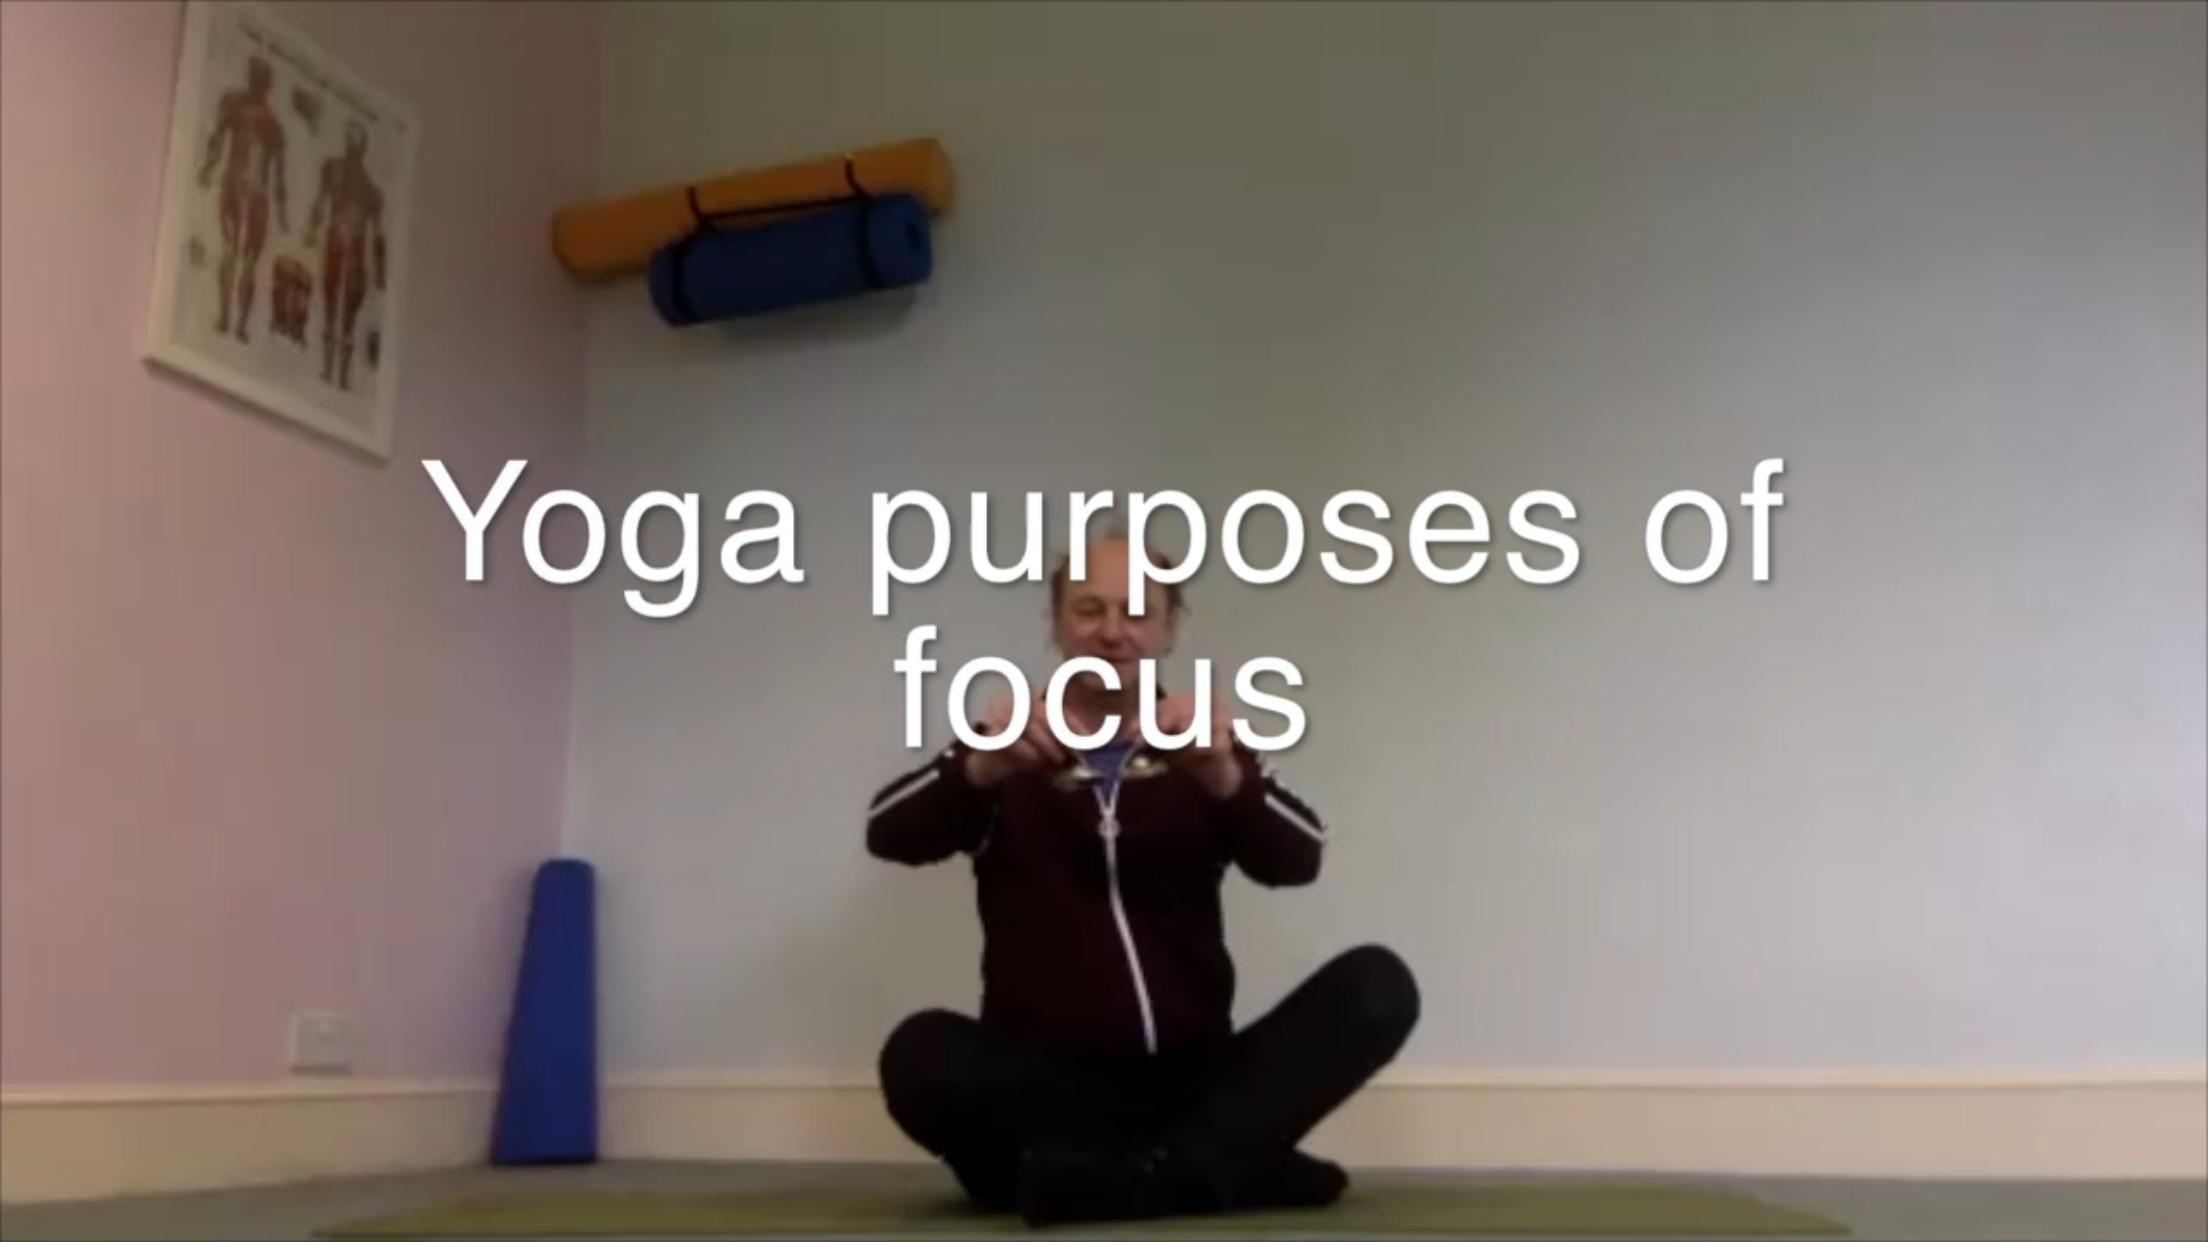 Purpose of Focus - 1hr 6mins